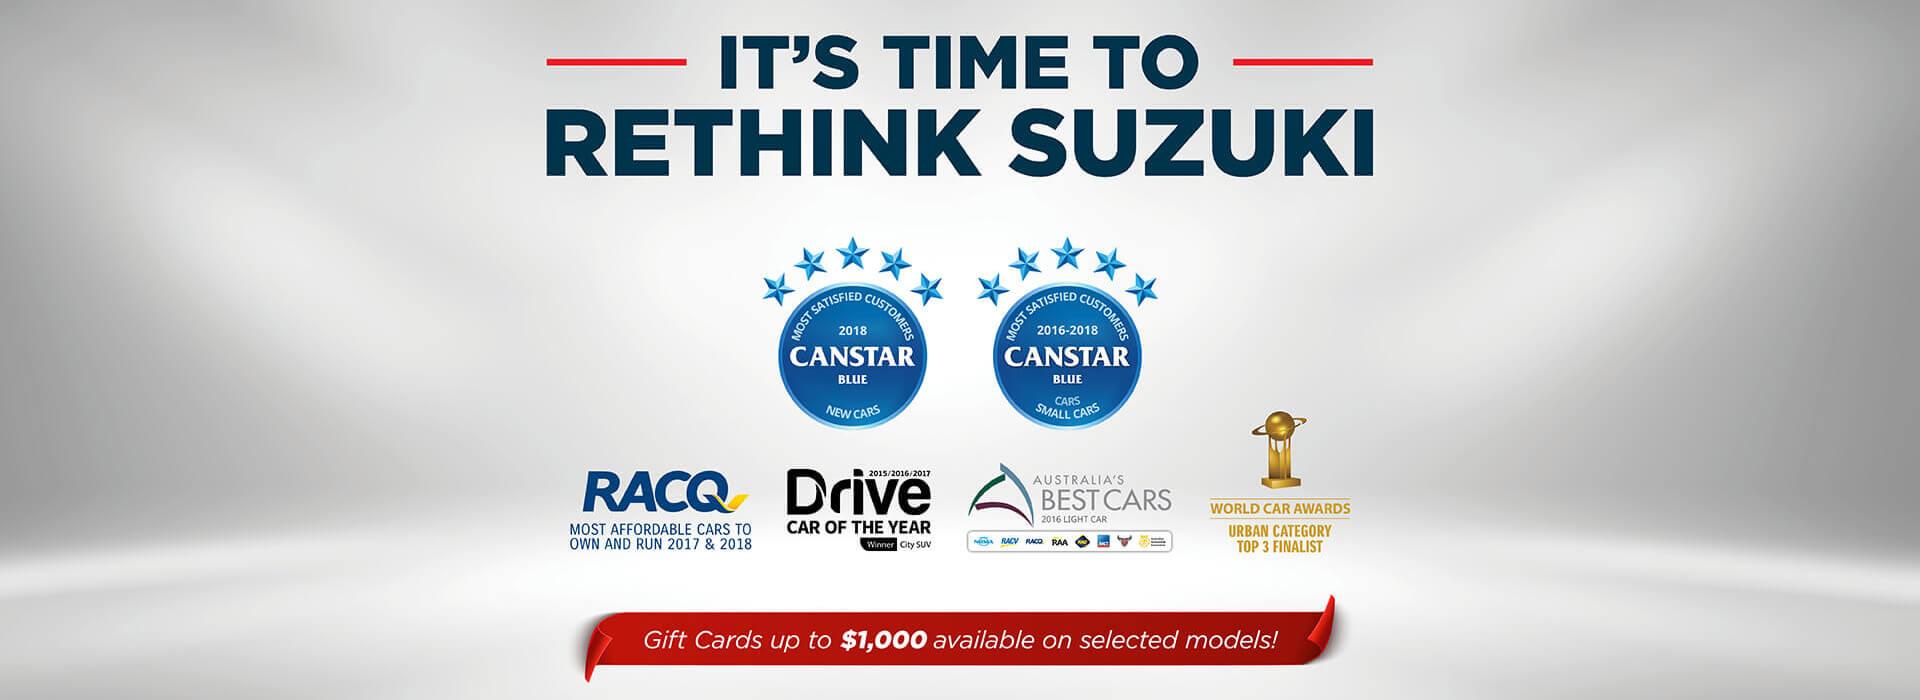 Suzuki banner image